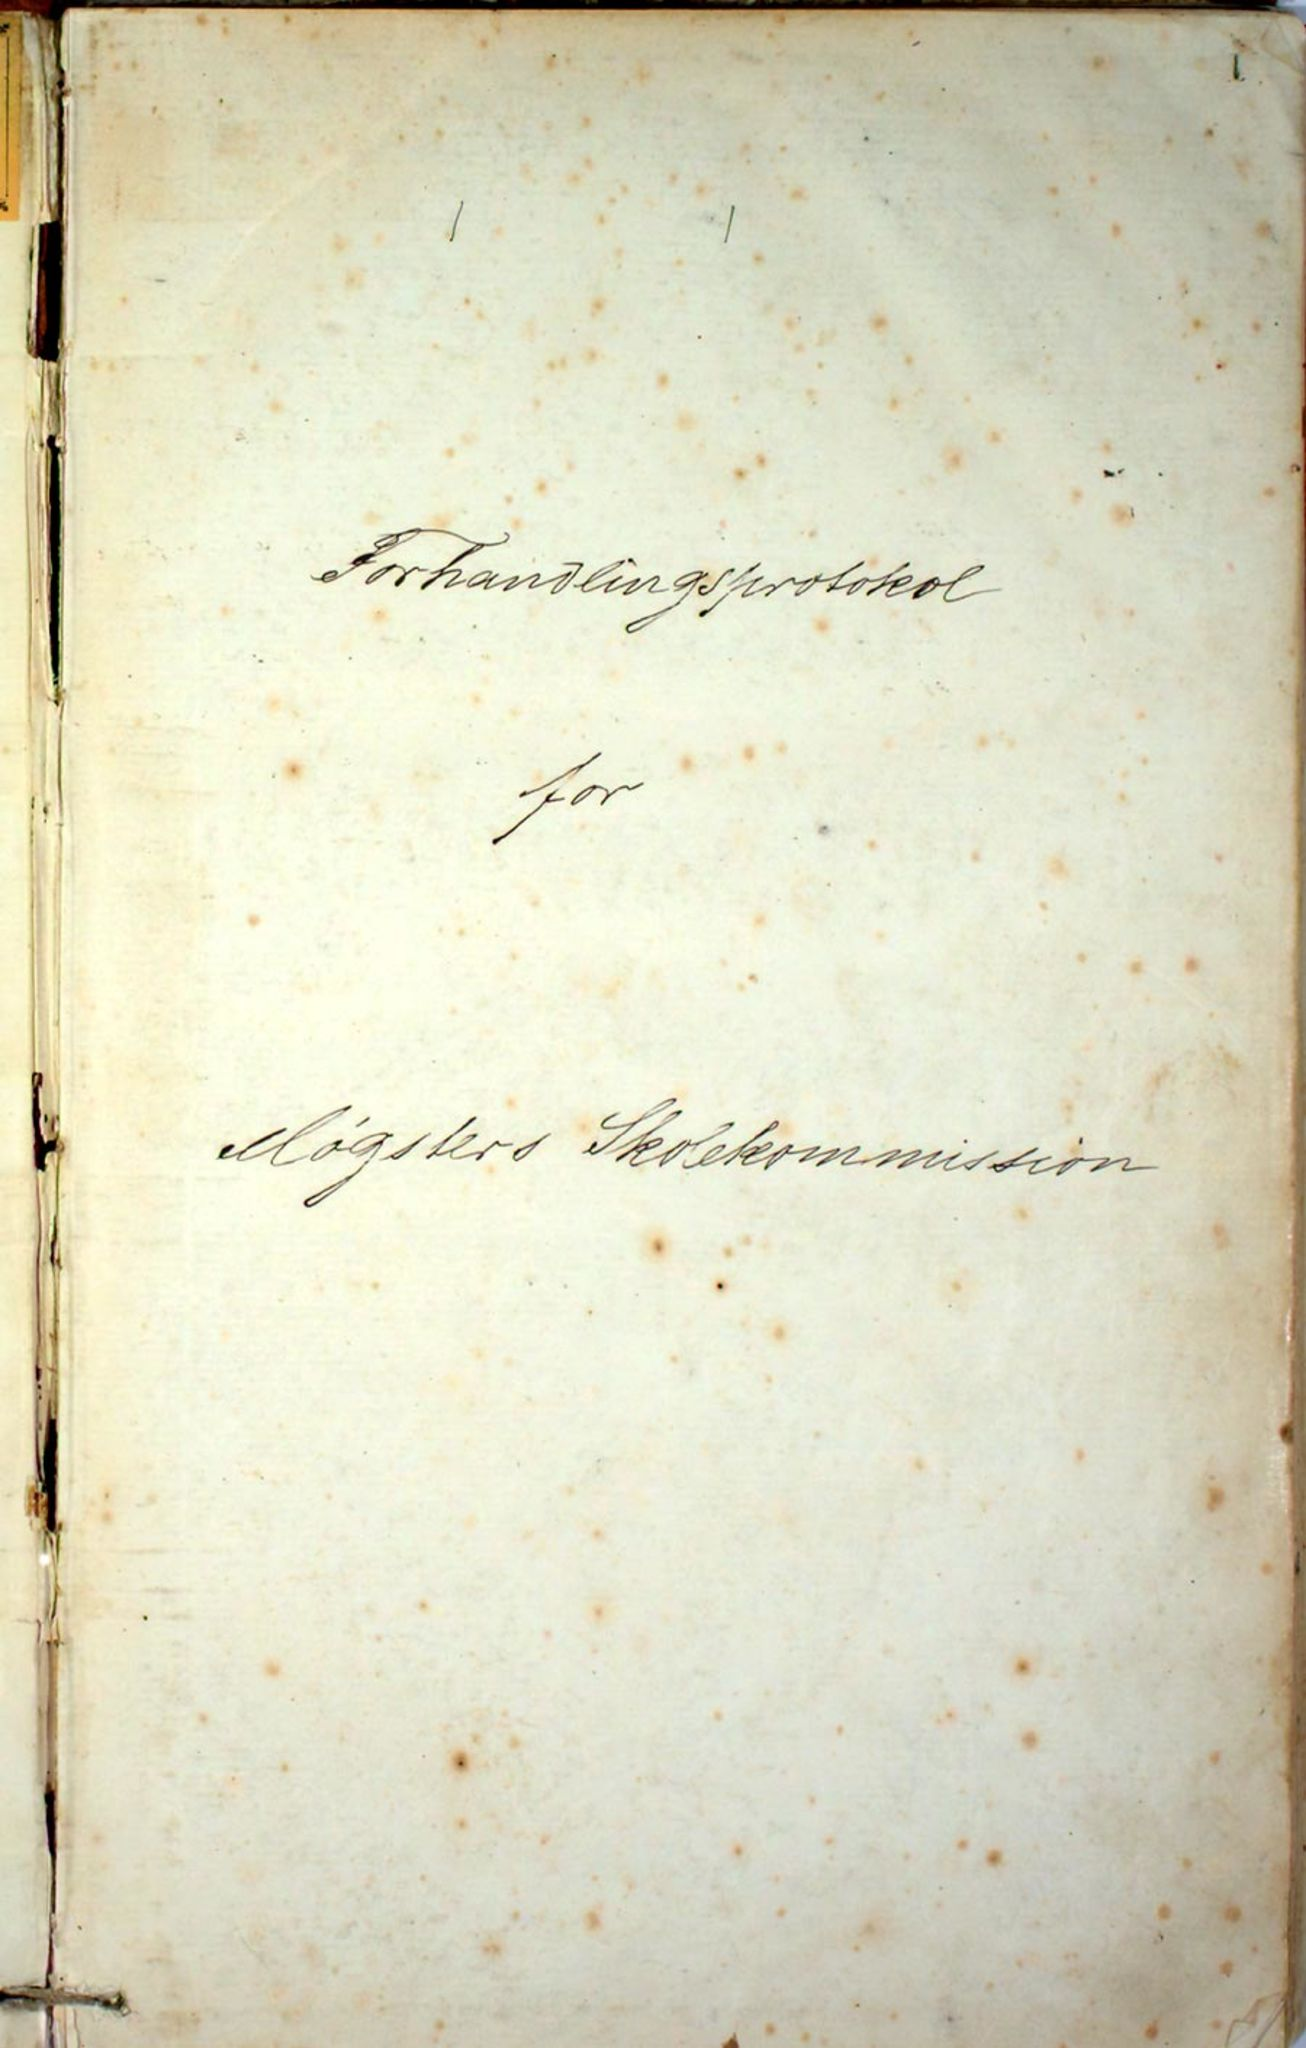 IKAH, Austevoll kommune. Skulestyret, A/Aa/L0001: Møkster sokn skulekommisjon, 1878-1910, s. 1a